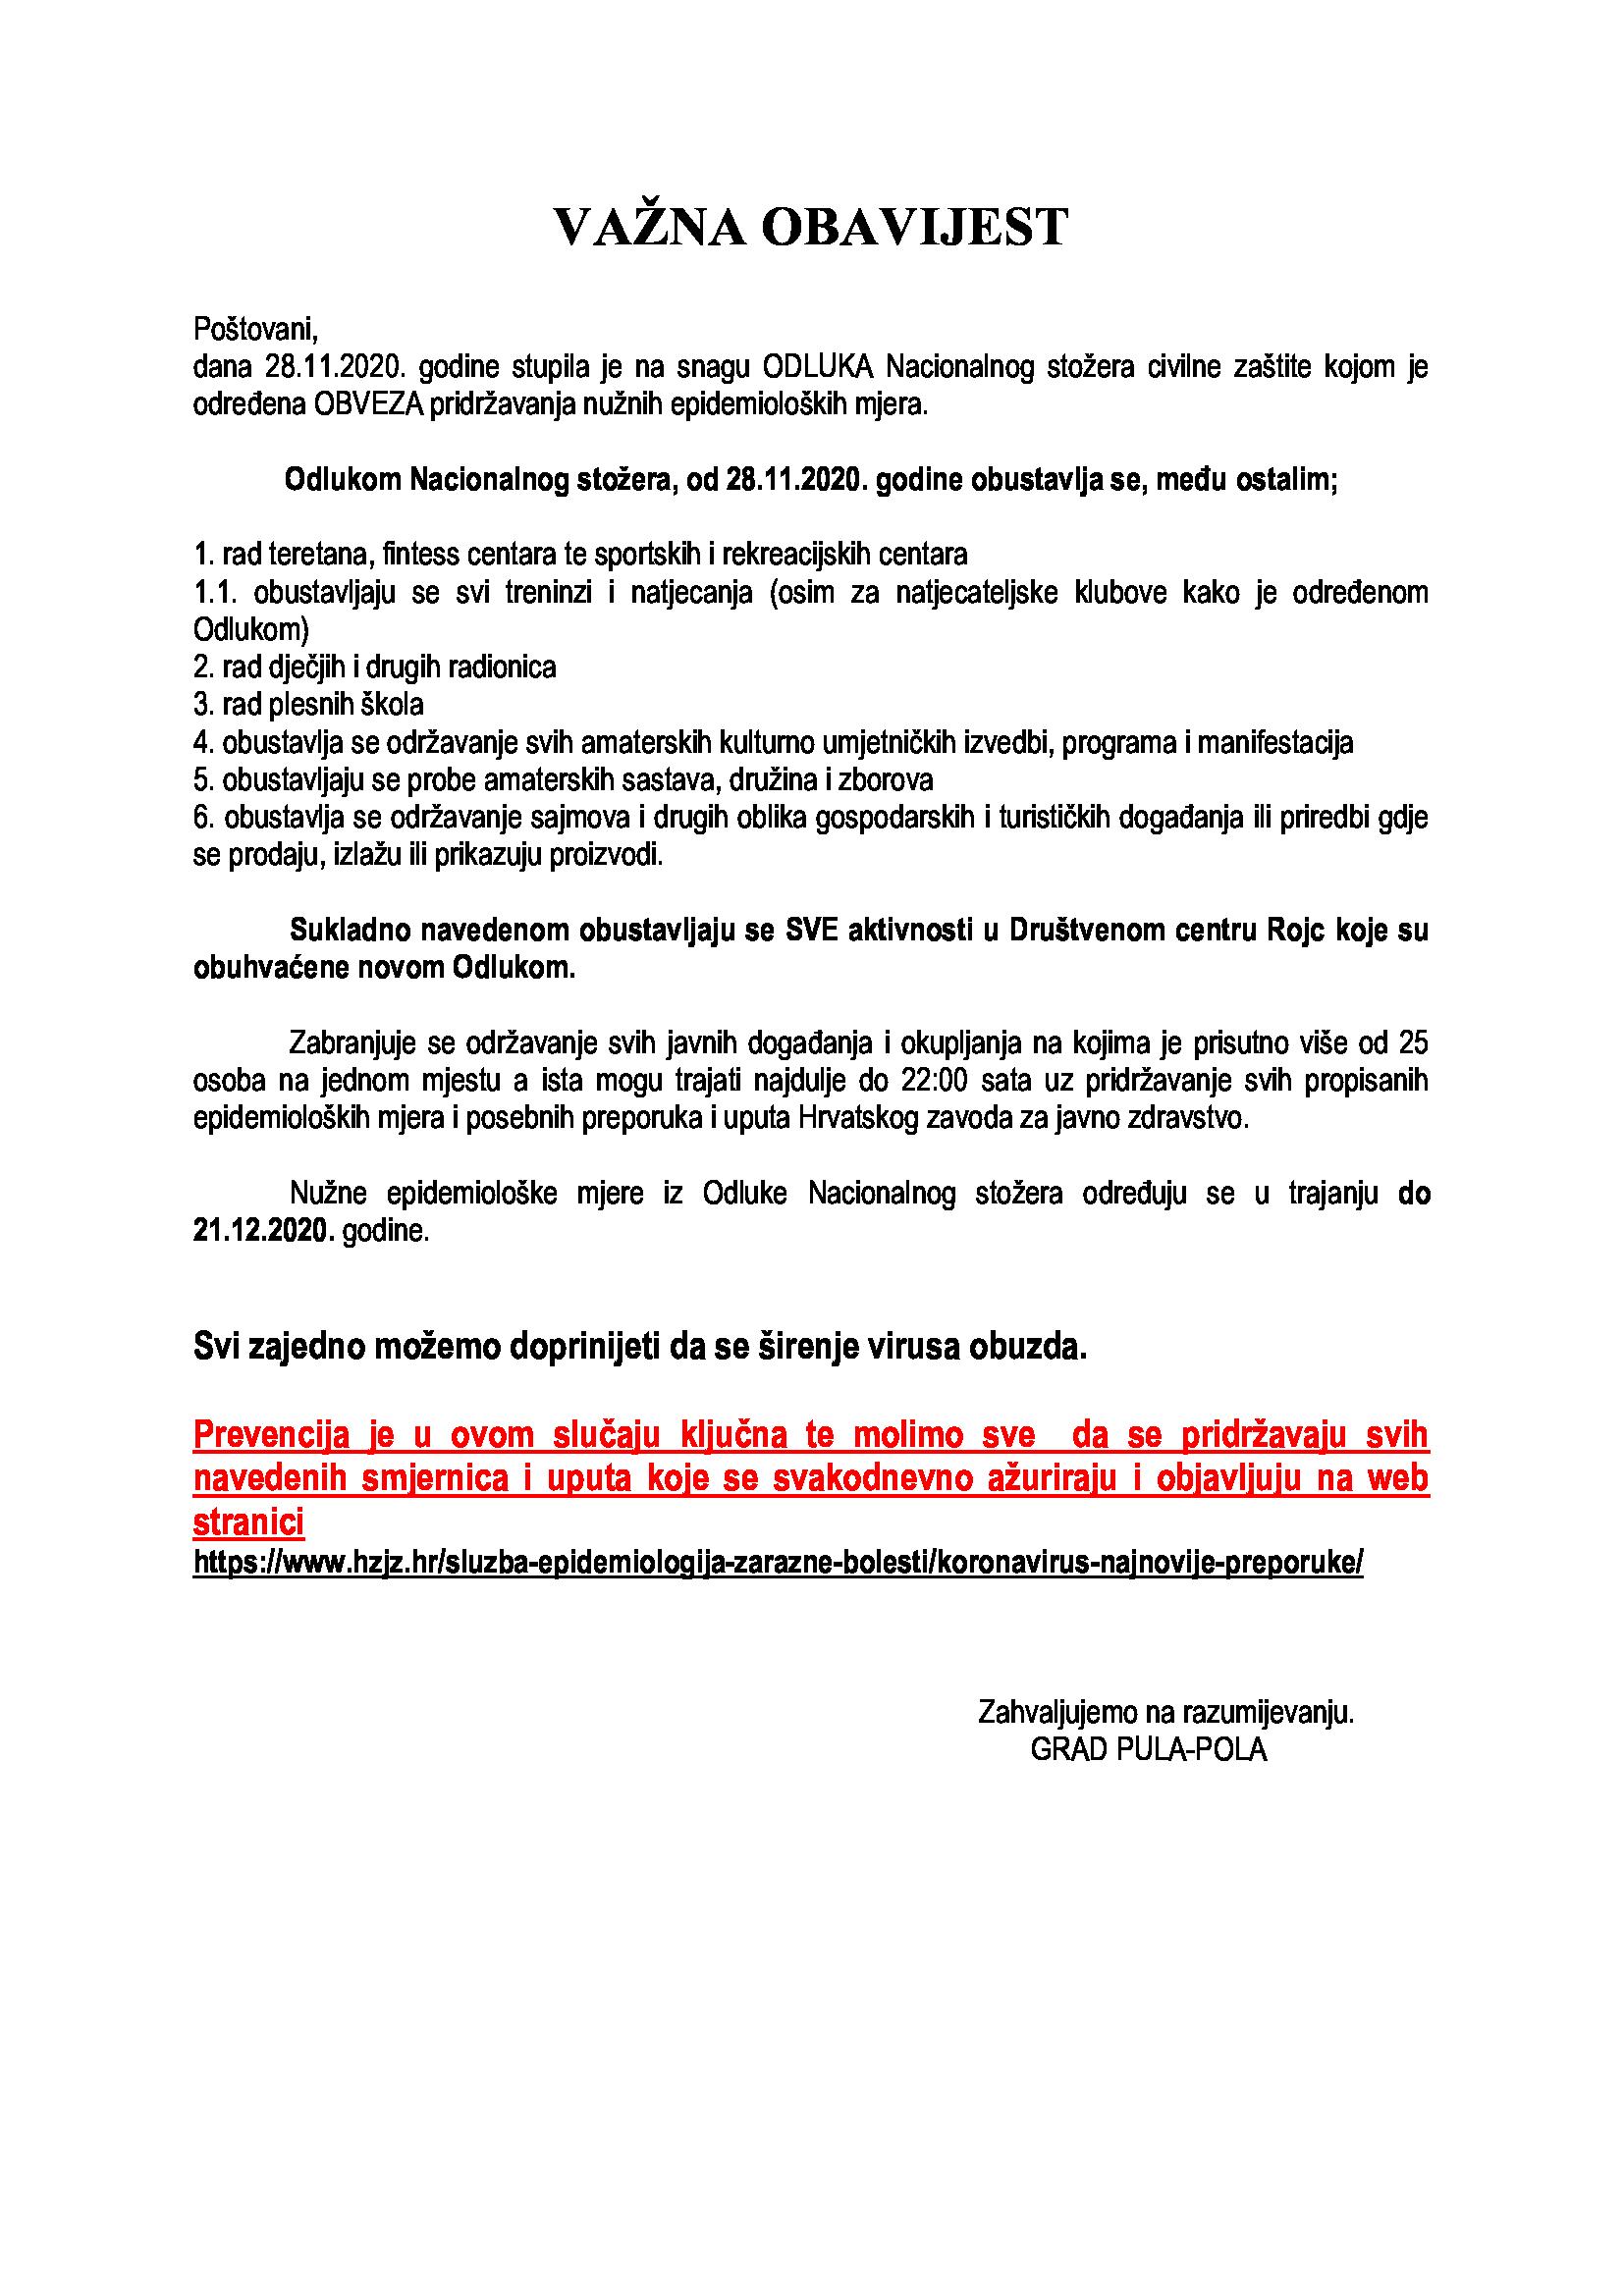 VAŽNA-OBAVIJEST-02